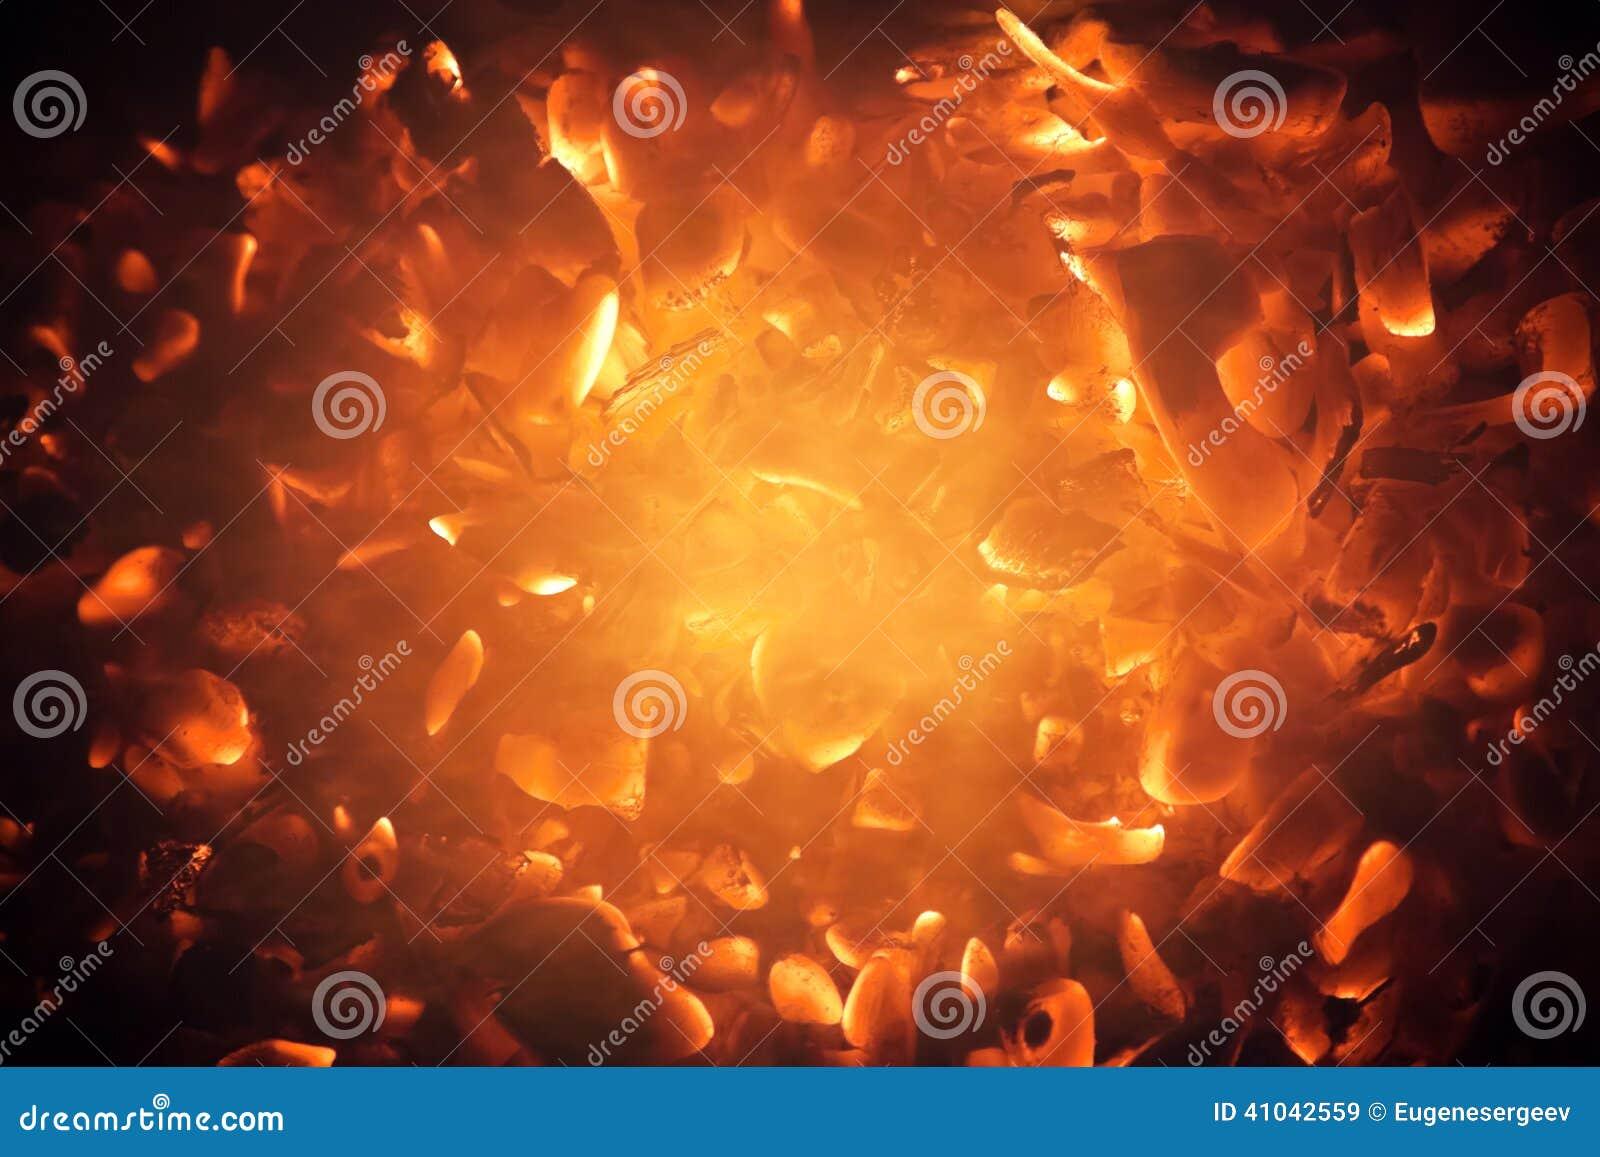 Fundo abstrato de carvões ardentes brilhantes